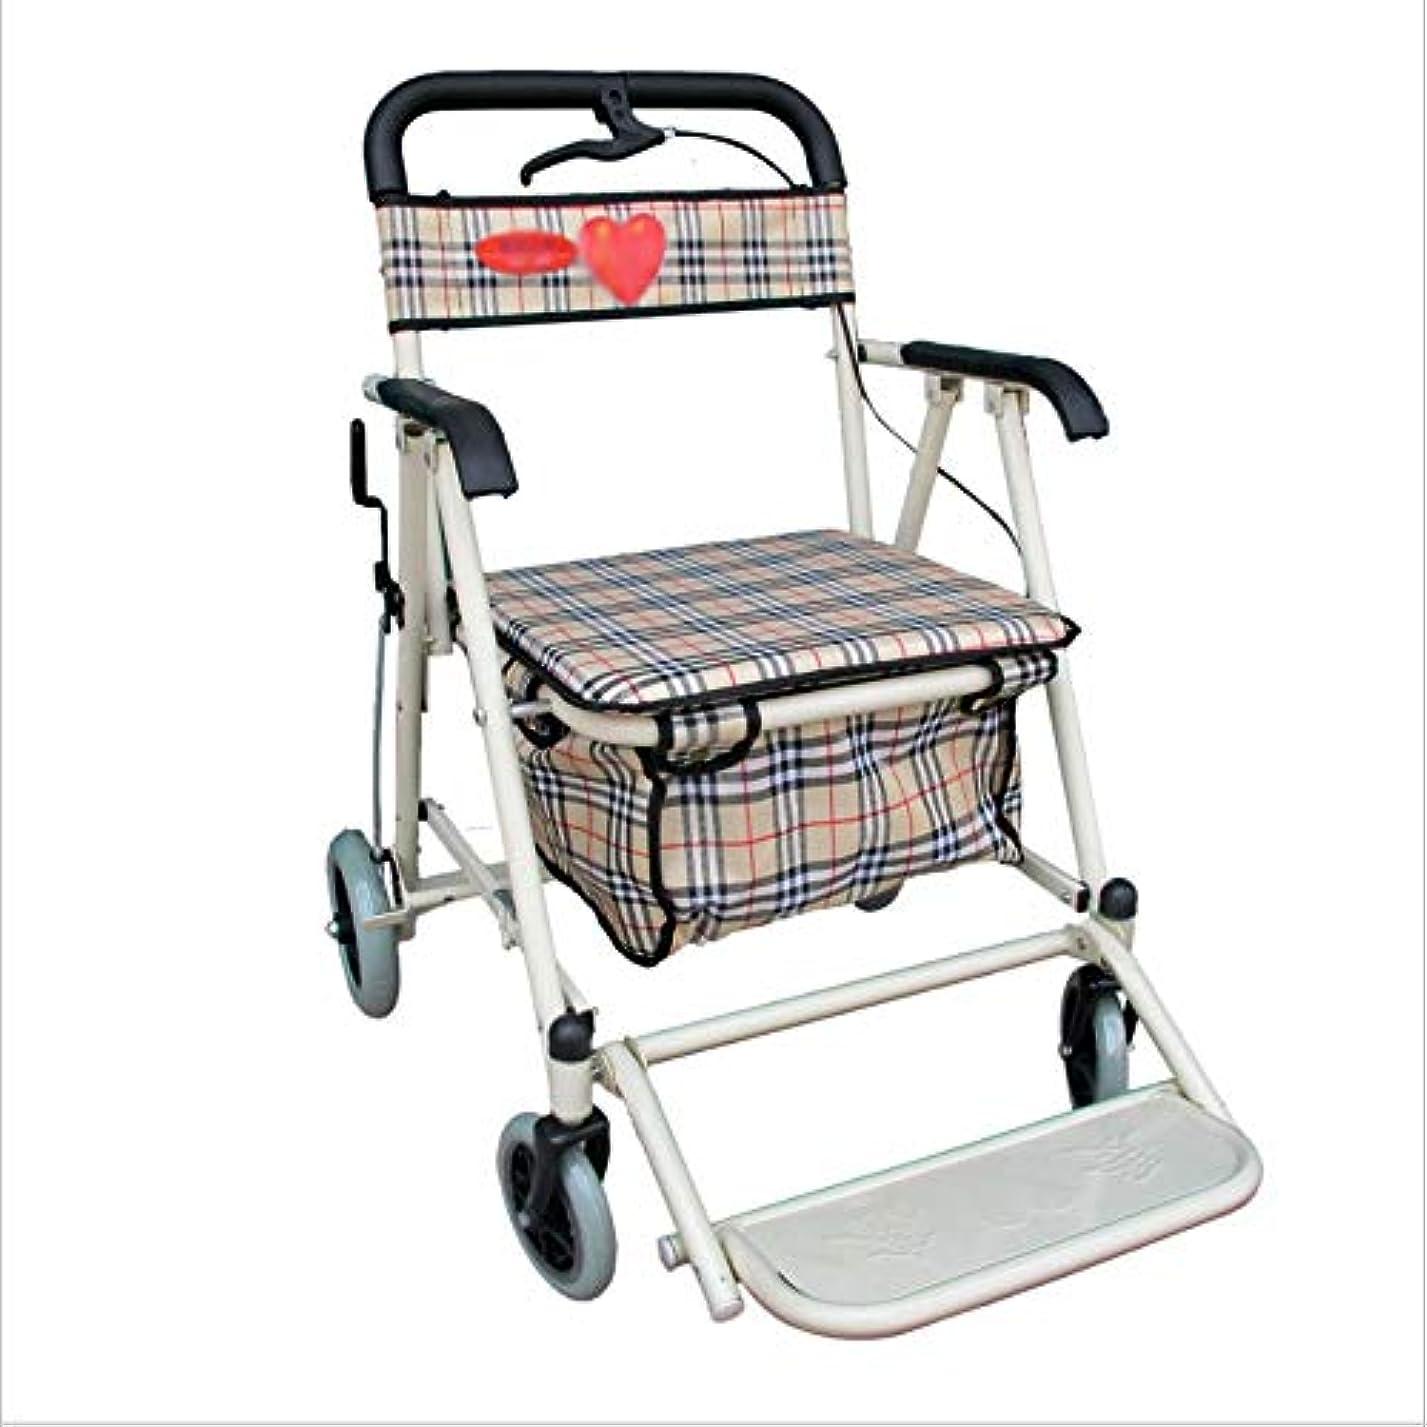 高齢者手押しショッピングカート、アルミウォーカー、滑り止めウォーカー4本足杖屋外バスルーム使用不可 (Color : Multi-colored)